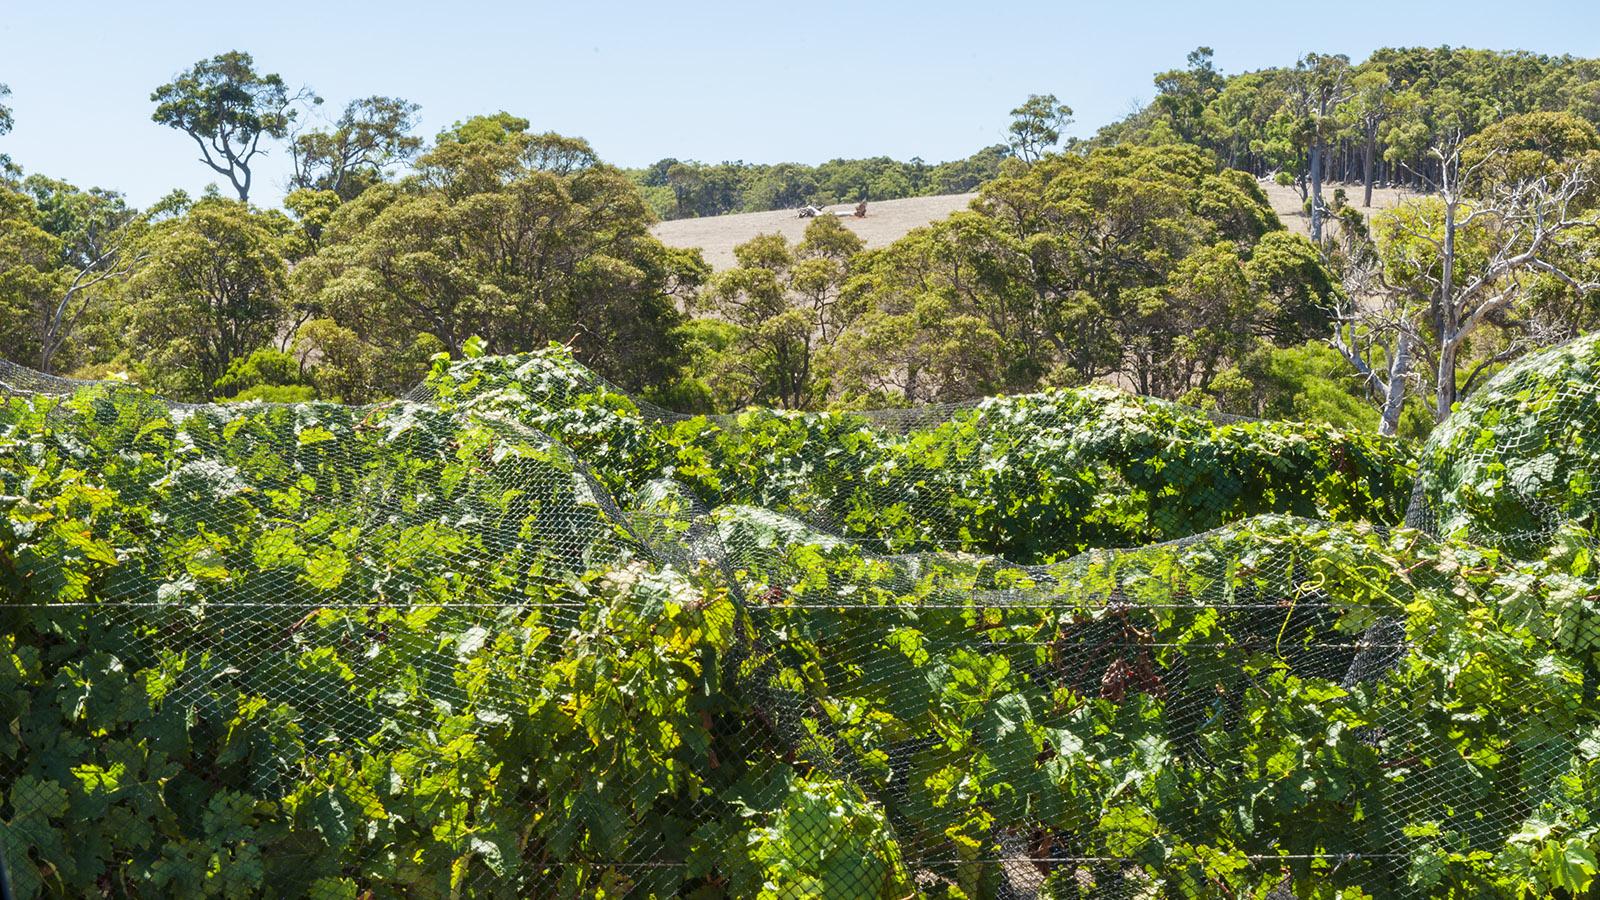 Ostküste: Netze schützen die Trauben vor den Vögel. Foto: Hilke Maunder